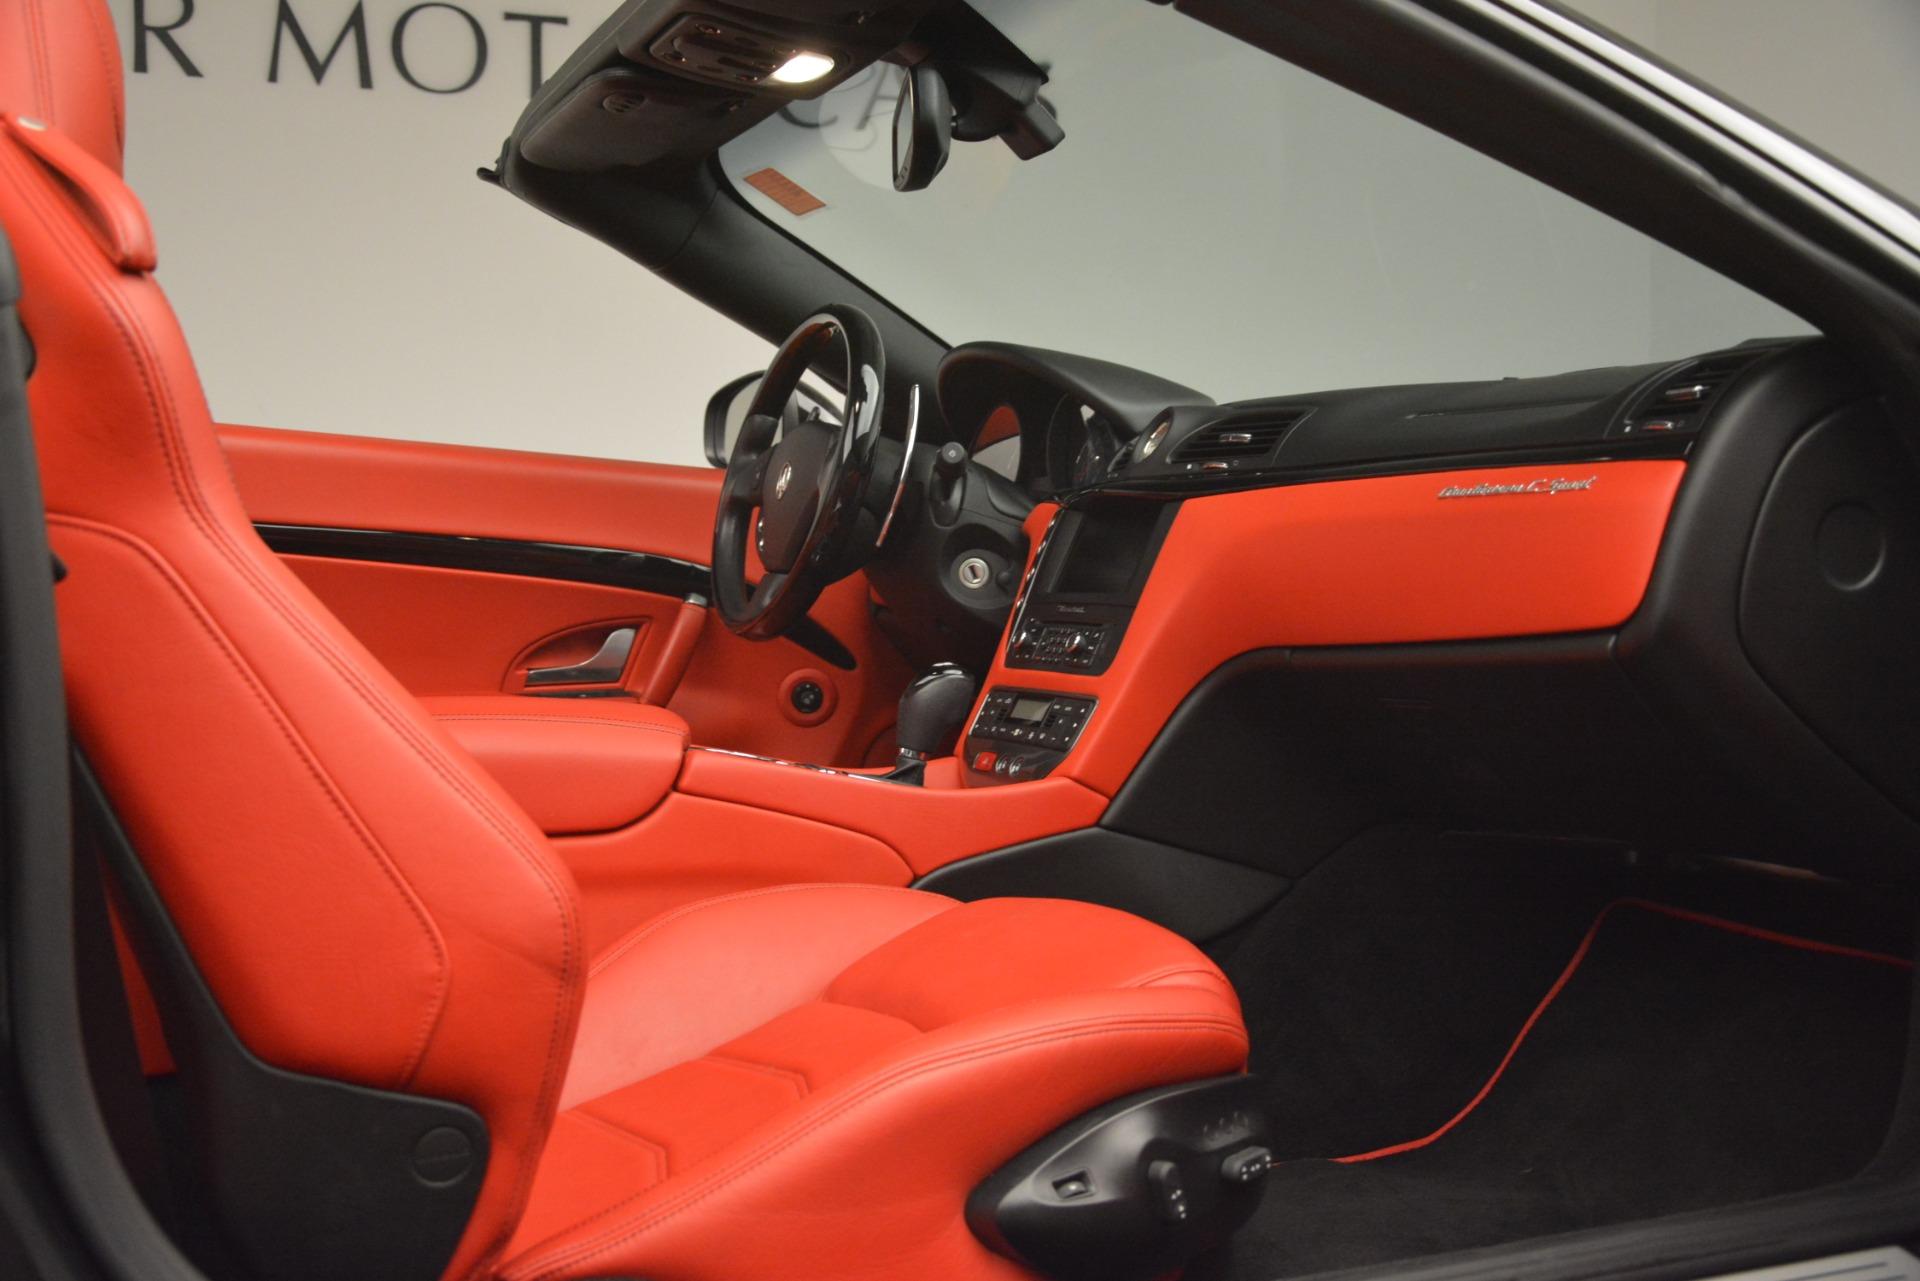 Used 2015 Maserati GranTurismo Sport For Sale In Greenwich, CT. Alfa Romeo of Greenwich, 7532 3085_p34